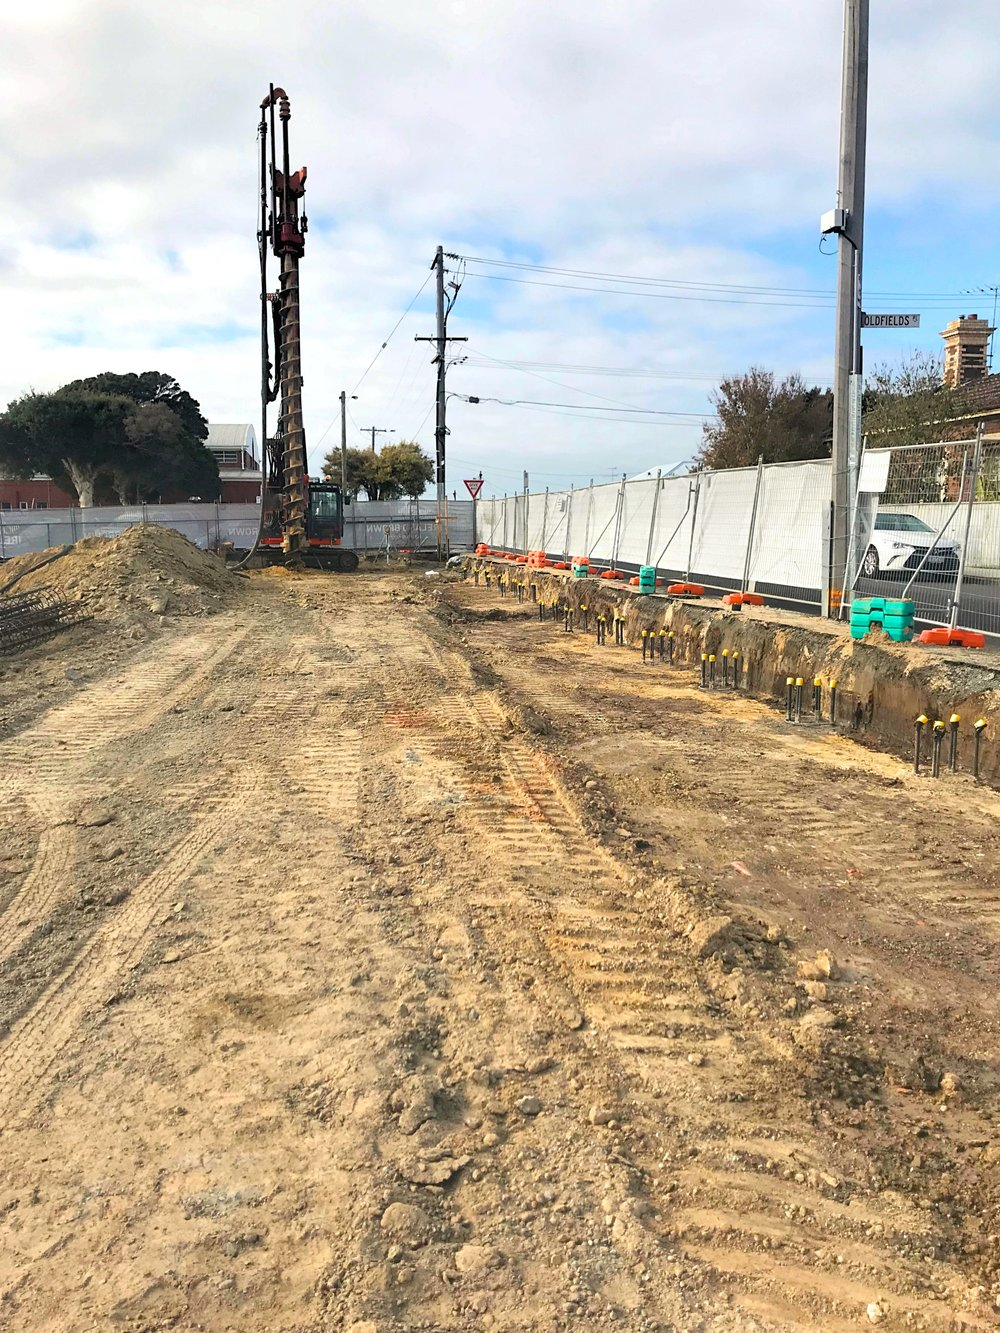 2018-05-15 G1 construction (2).jpg